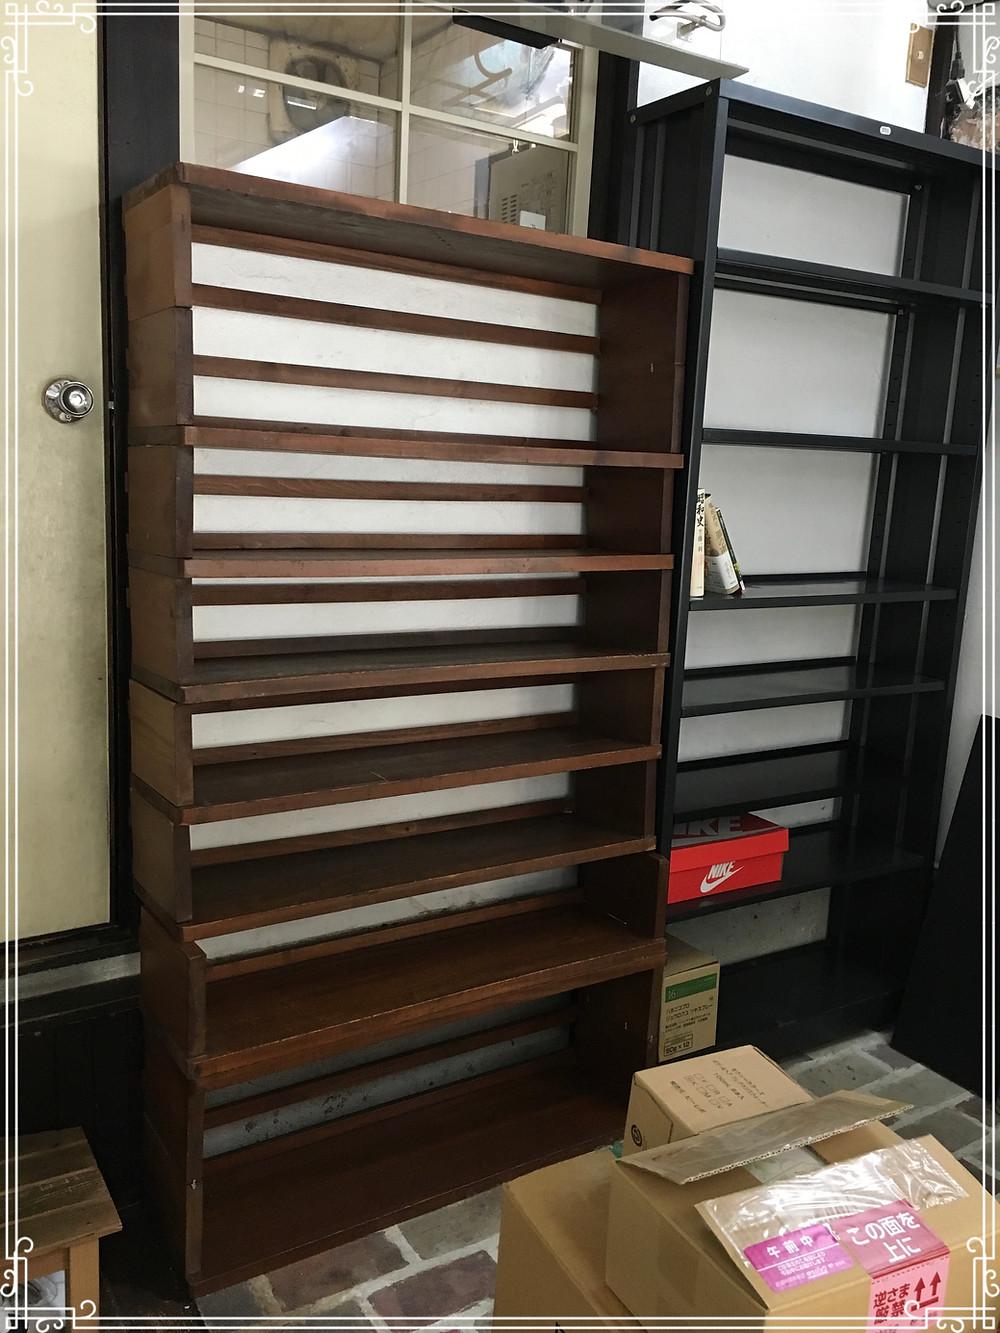 写真左側の木製本棚は京都大学文学部旧図書館で使われてました。